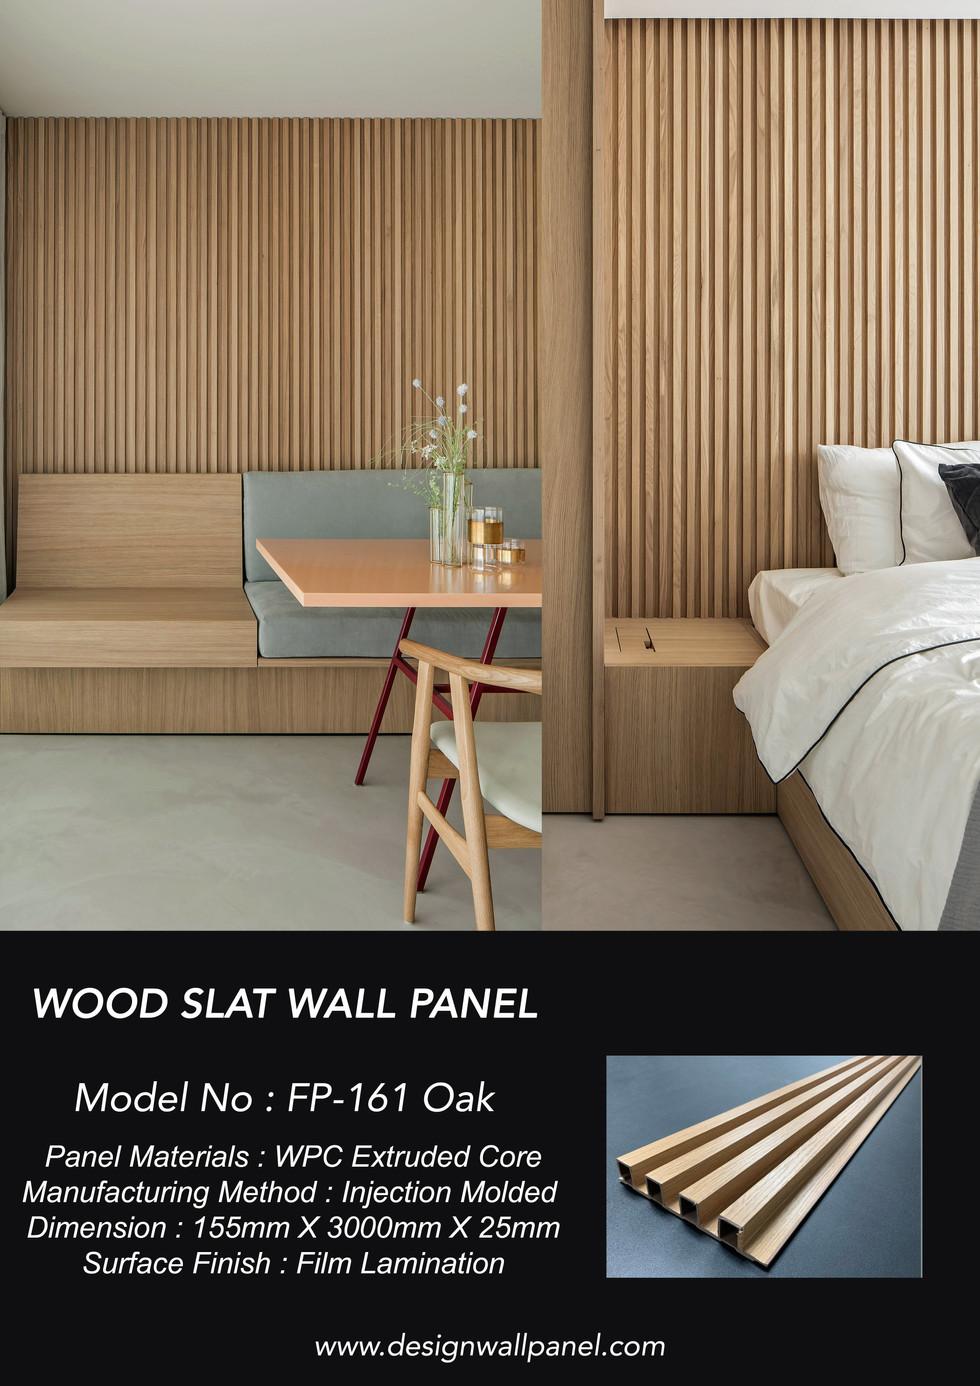 wood slat wall panel FP-161 Oak .jpg